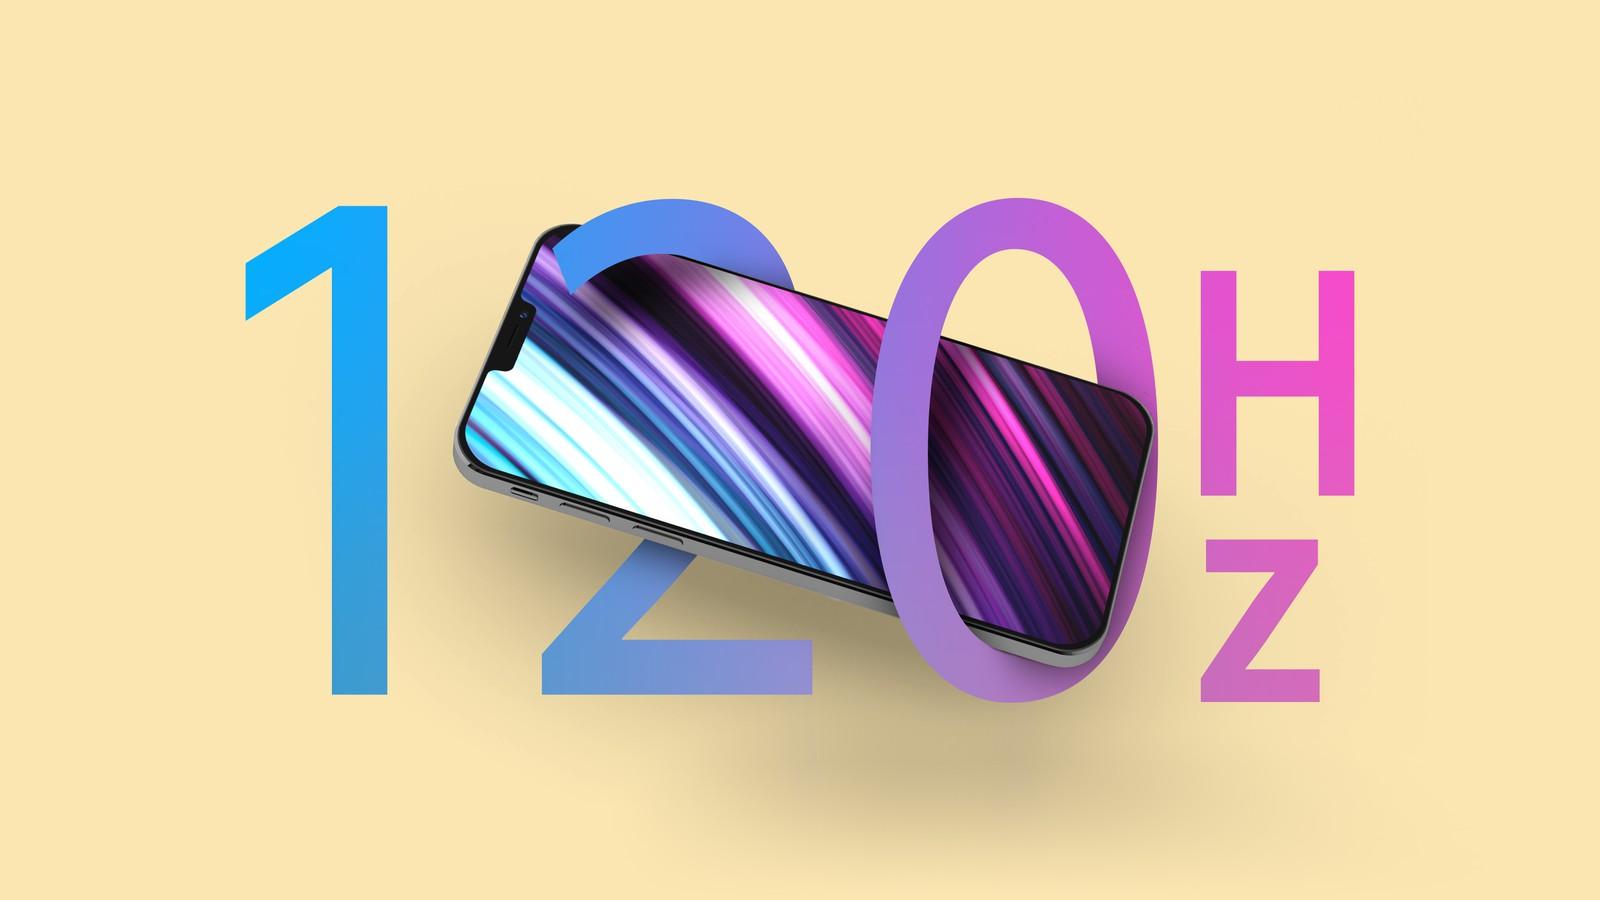 两款iPhone 13 Pro机型预计将采用LTPO显示技术支持120Hz刷新率